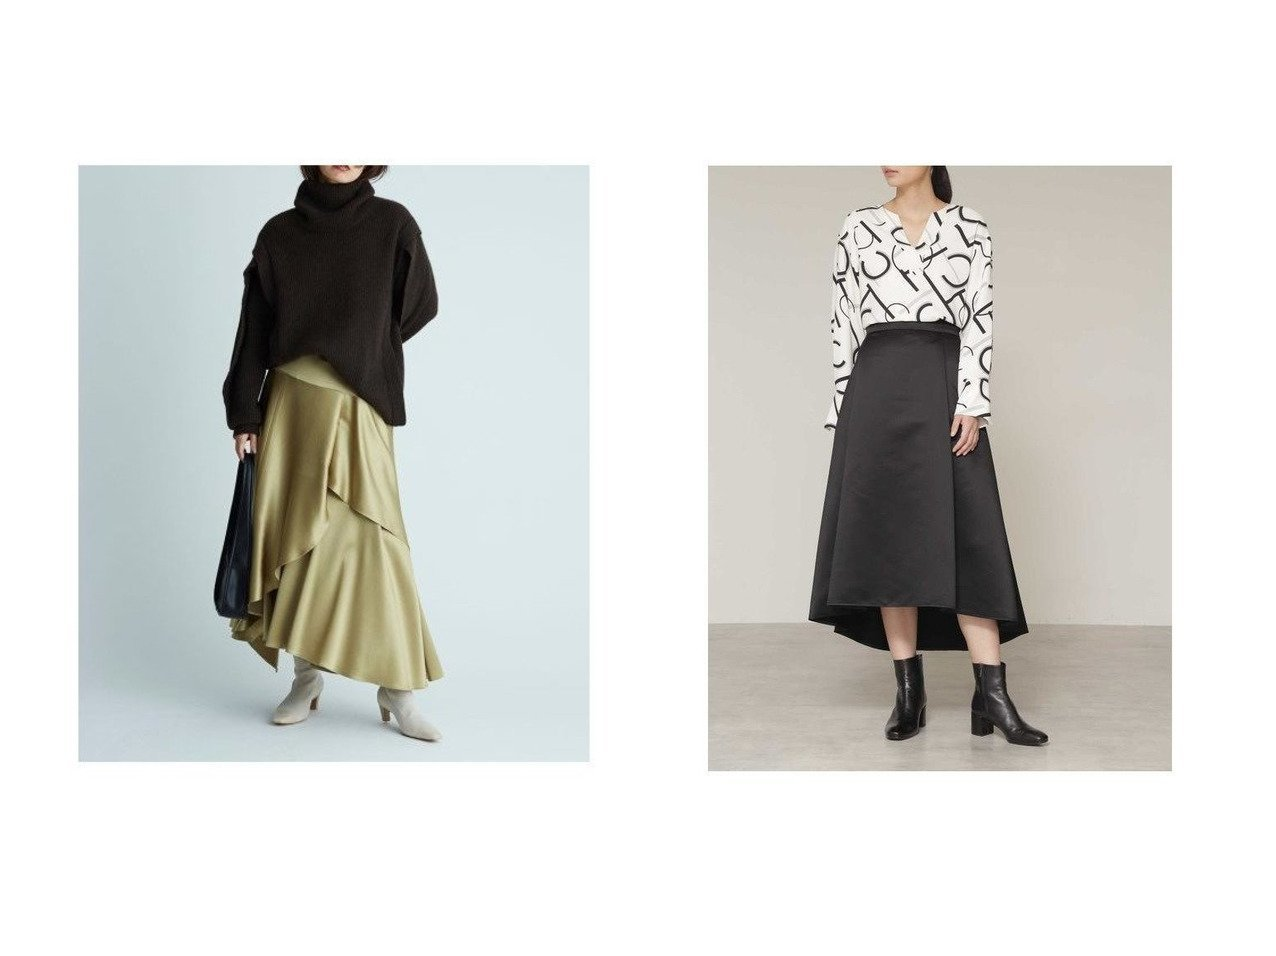 【FRAY I.D/フレイ アイディー】のサテンフレアスカート&【BOSCH/ボッシュ】のサテンフィッシュテールスカート スカートのおすすめ!人気、レディースファッションの通販  おすすめで人気のファッション通販商品 インテリア・家具・キッズファッション・メンズファッション・レディースファッション・服の通販 founy(ファニー) https://founy.com/ ファッション Fashion レディース WOMEN スカート Skirt Aライン/フレアスカート Flared A-Line Skirts イエロー ギャザー サテン スマート ティアード ドレープ フレア  ID:crp329100000004036